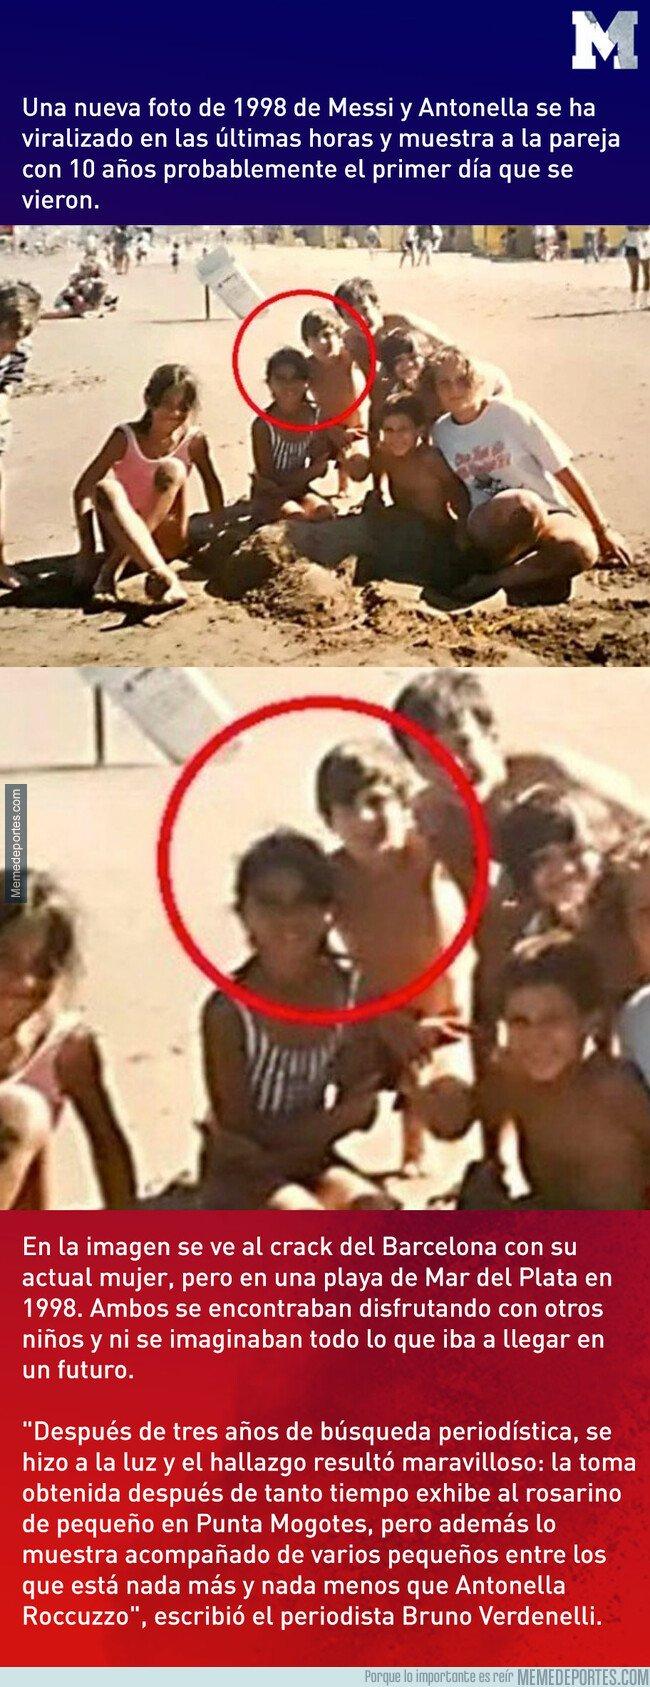 1072374 - La foto inédita de Lionel Messi y su mujer Antonela Roccuzzo cuando tenían 10 años